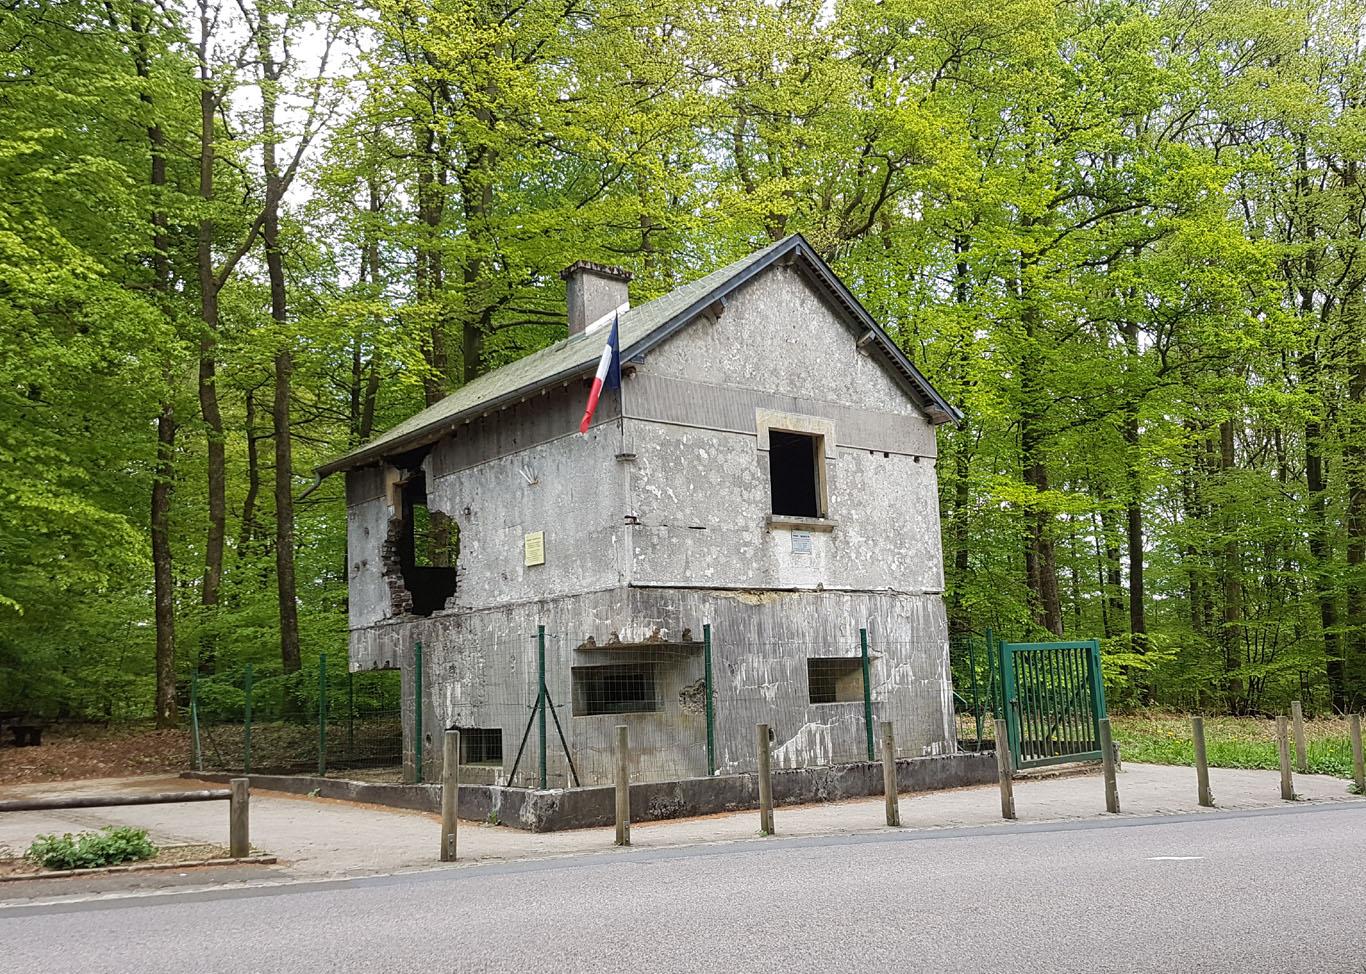 Maison Forte bei St.-Menges